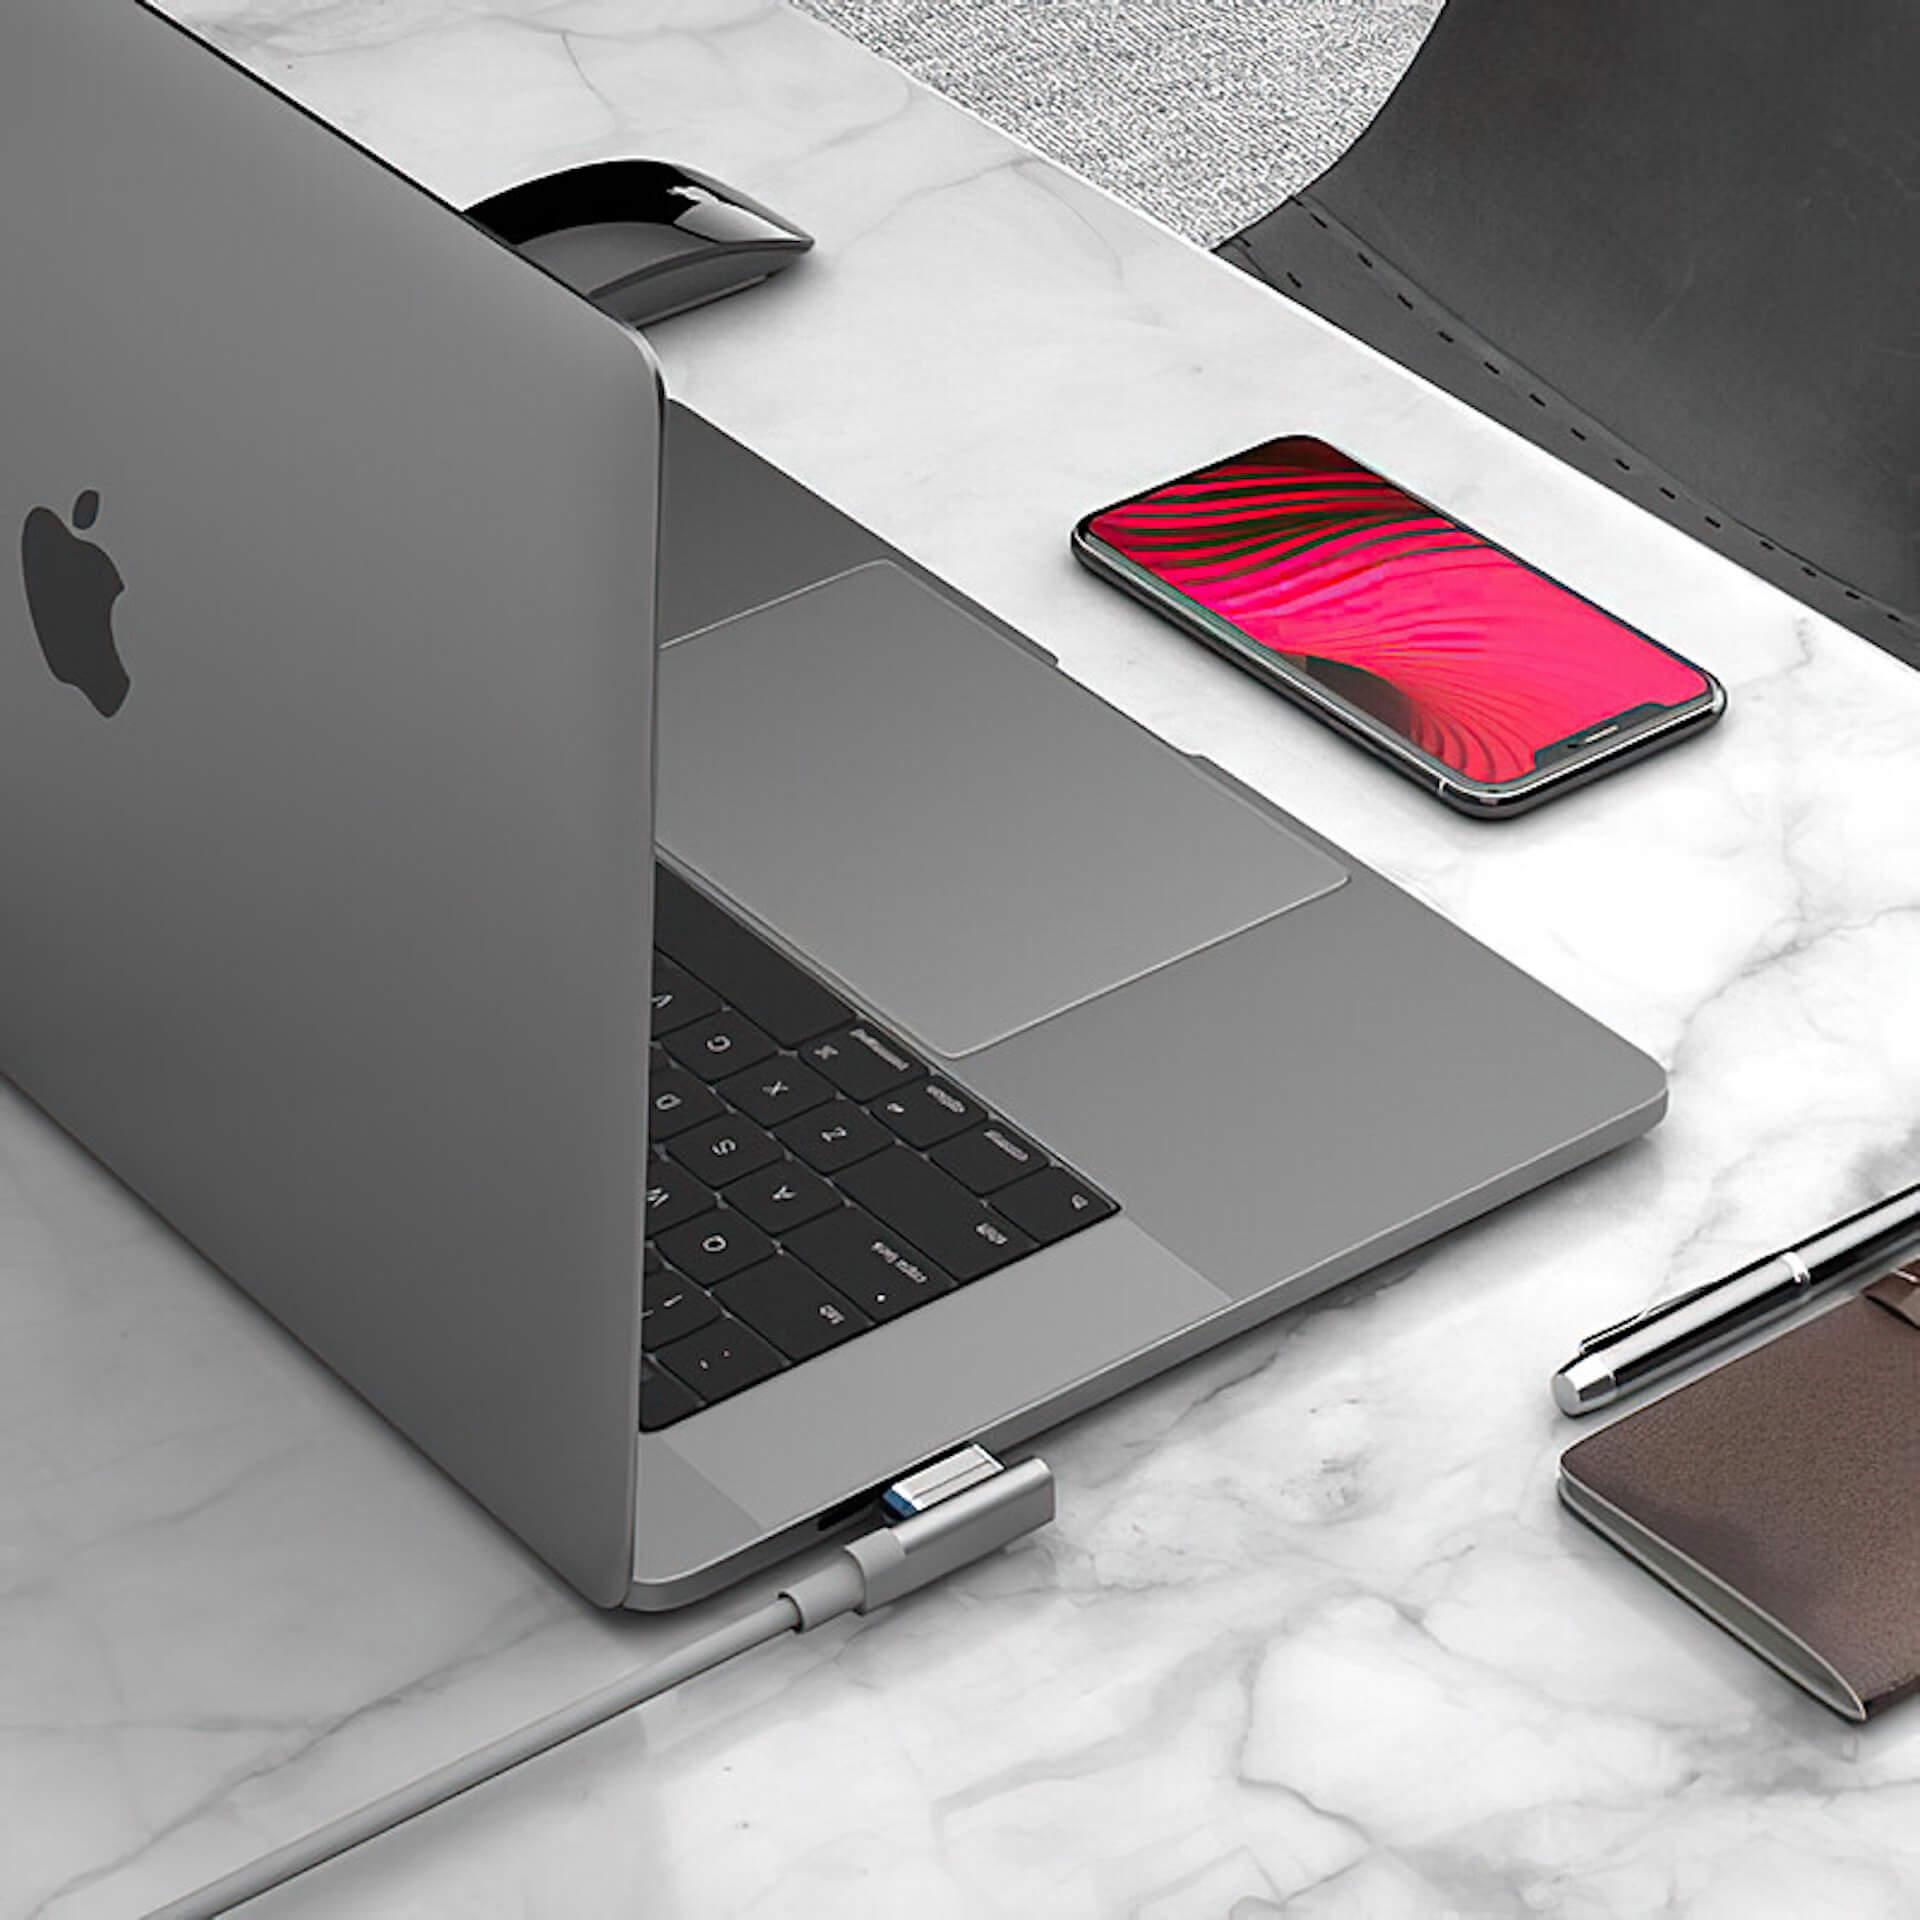 USB-Cのコネクタ同士をマグネットで引き寄せる!「HBLINK Magnet USB-C ケーブル」がGLOTURE.JPに登場 tech200625_usbc_cable_2